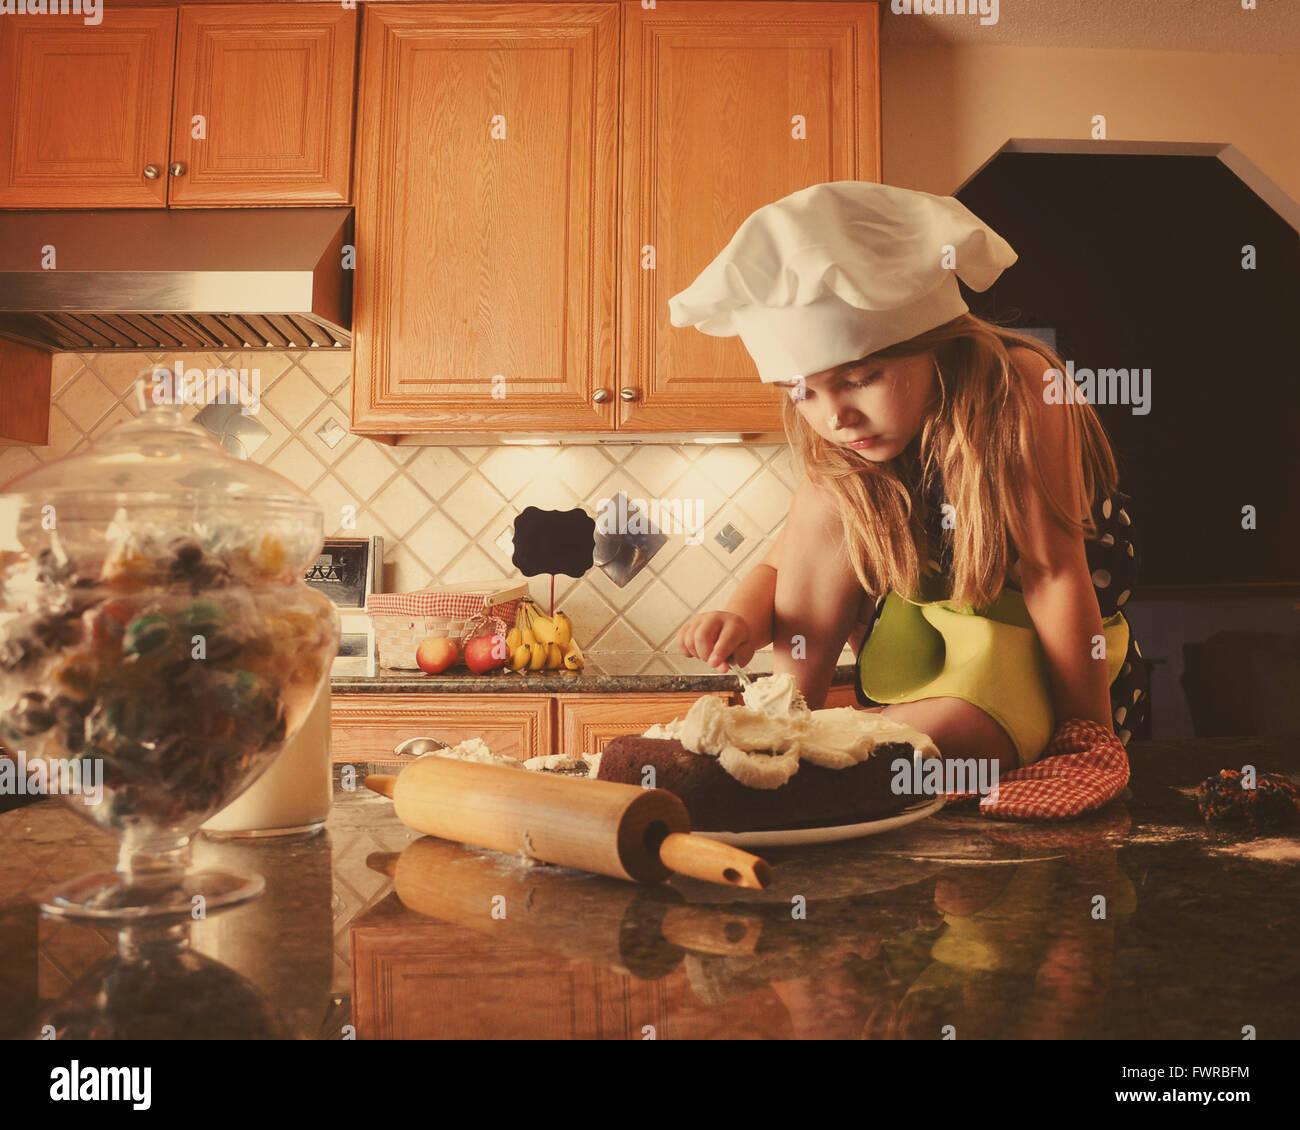 Un bambino è la glassa di una torta in cucina per una panetteria, la dieta o il concetto di cibo. La bambina Immagini Stock